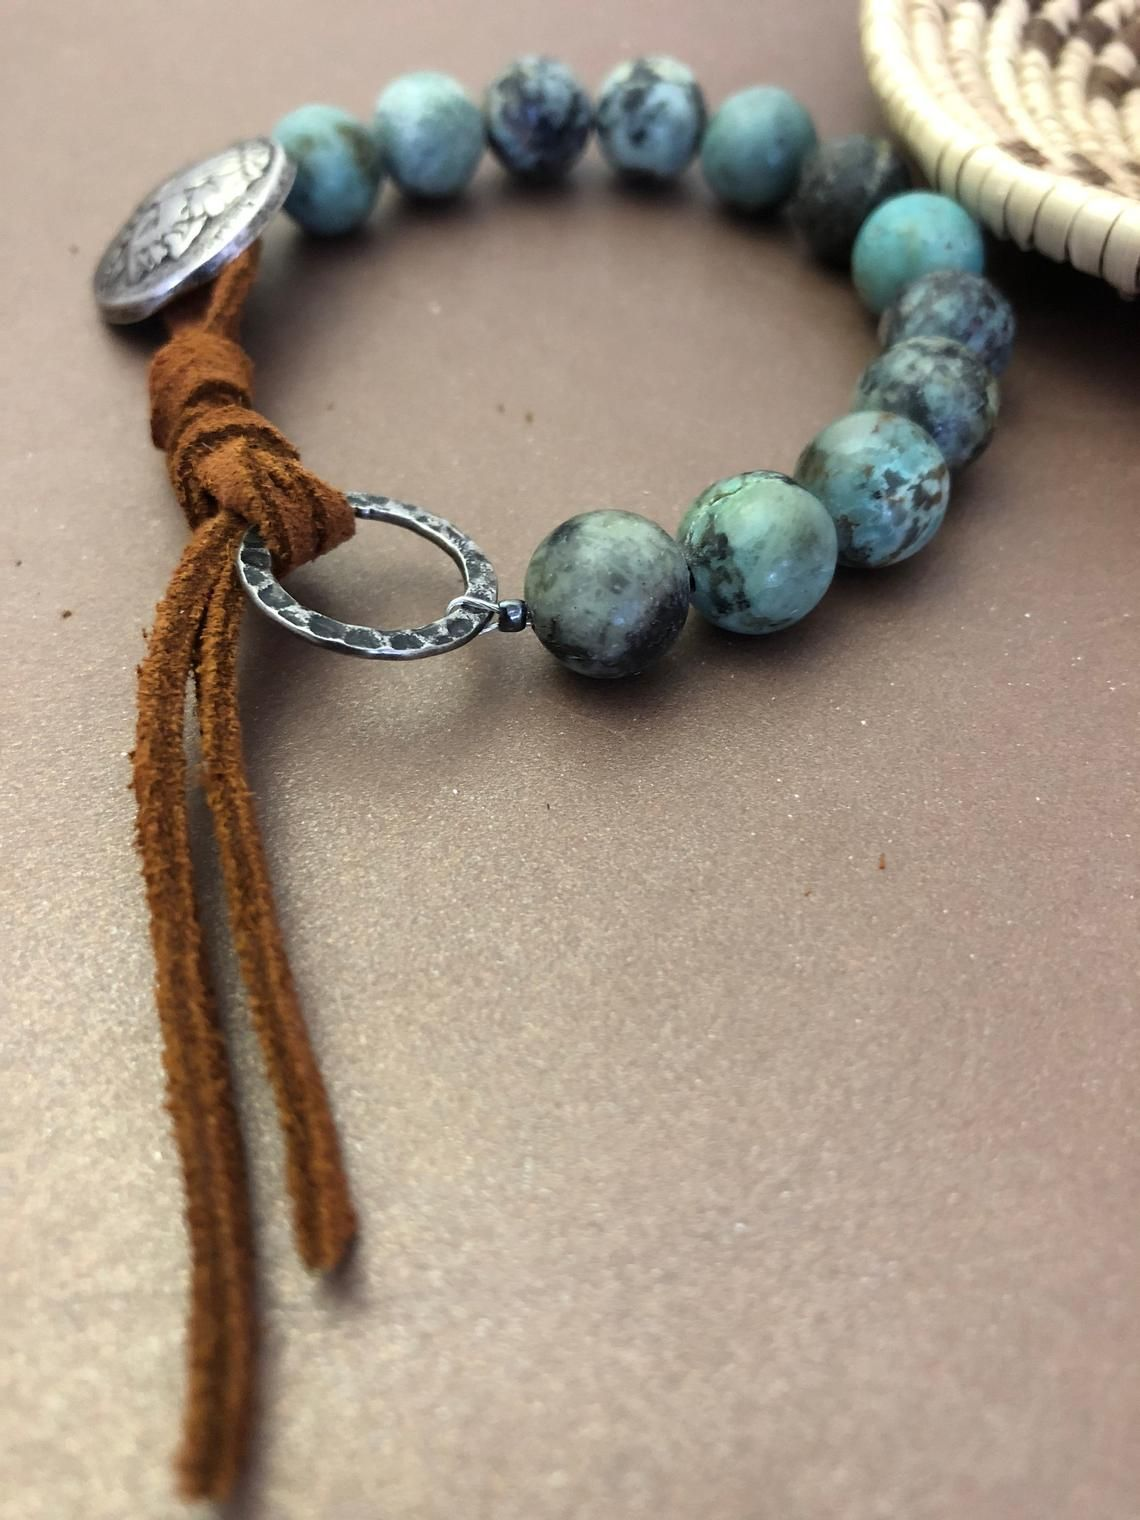 Photo of African Turquoise Bracelet, Matte Jasper Bead Bracelet, Indian Head Nickel Bracelet, Western Leather Bracelet, Cowgirl Jewelry